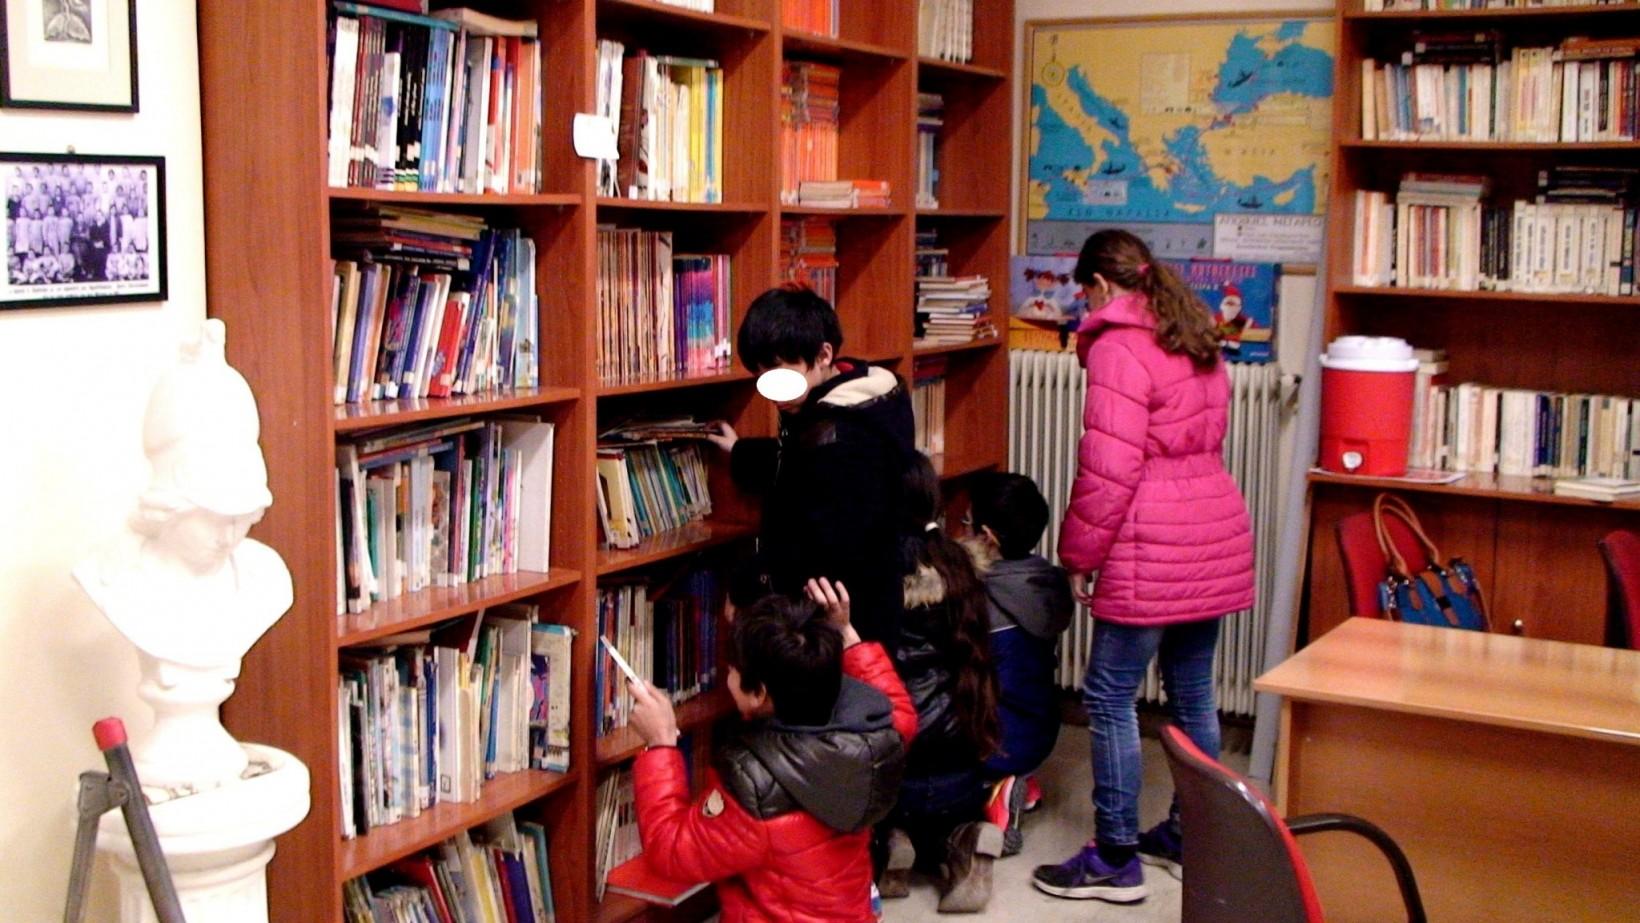 26-2-2015 Δημοτική Βιβλιοθήκη Μεγάρων 4